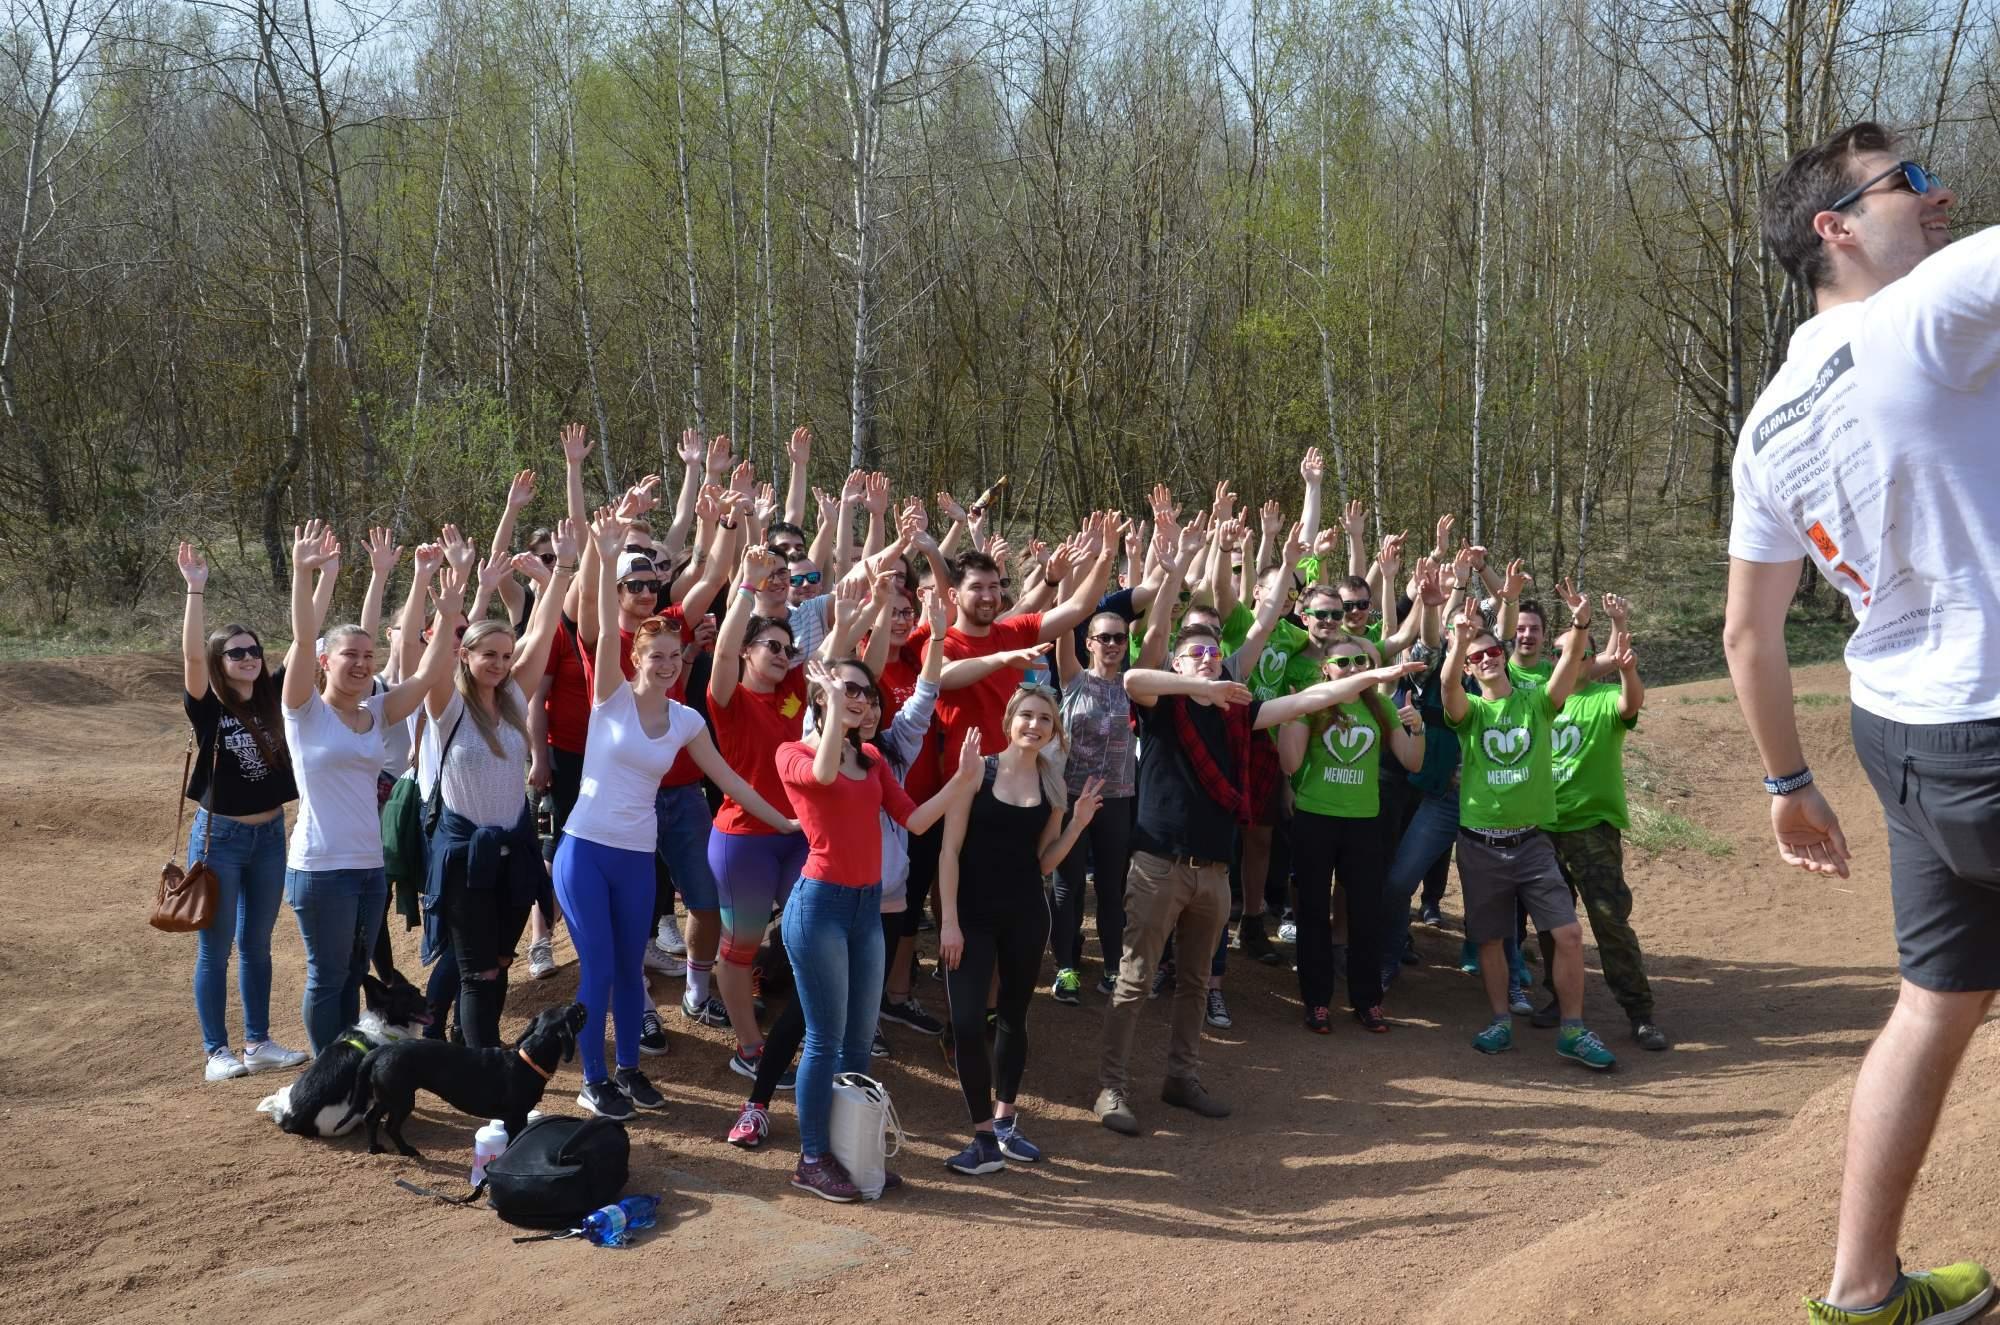 Studentské Odpadkobraní spojuje studenty z brněnských univerzit. FOTO: Kamila Lorenzová